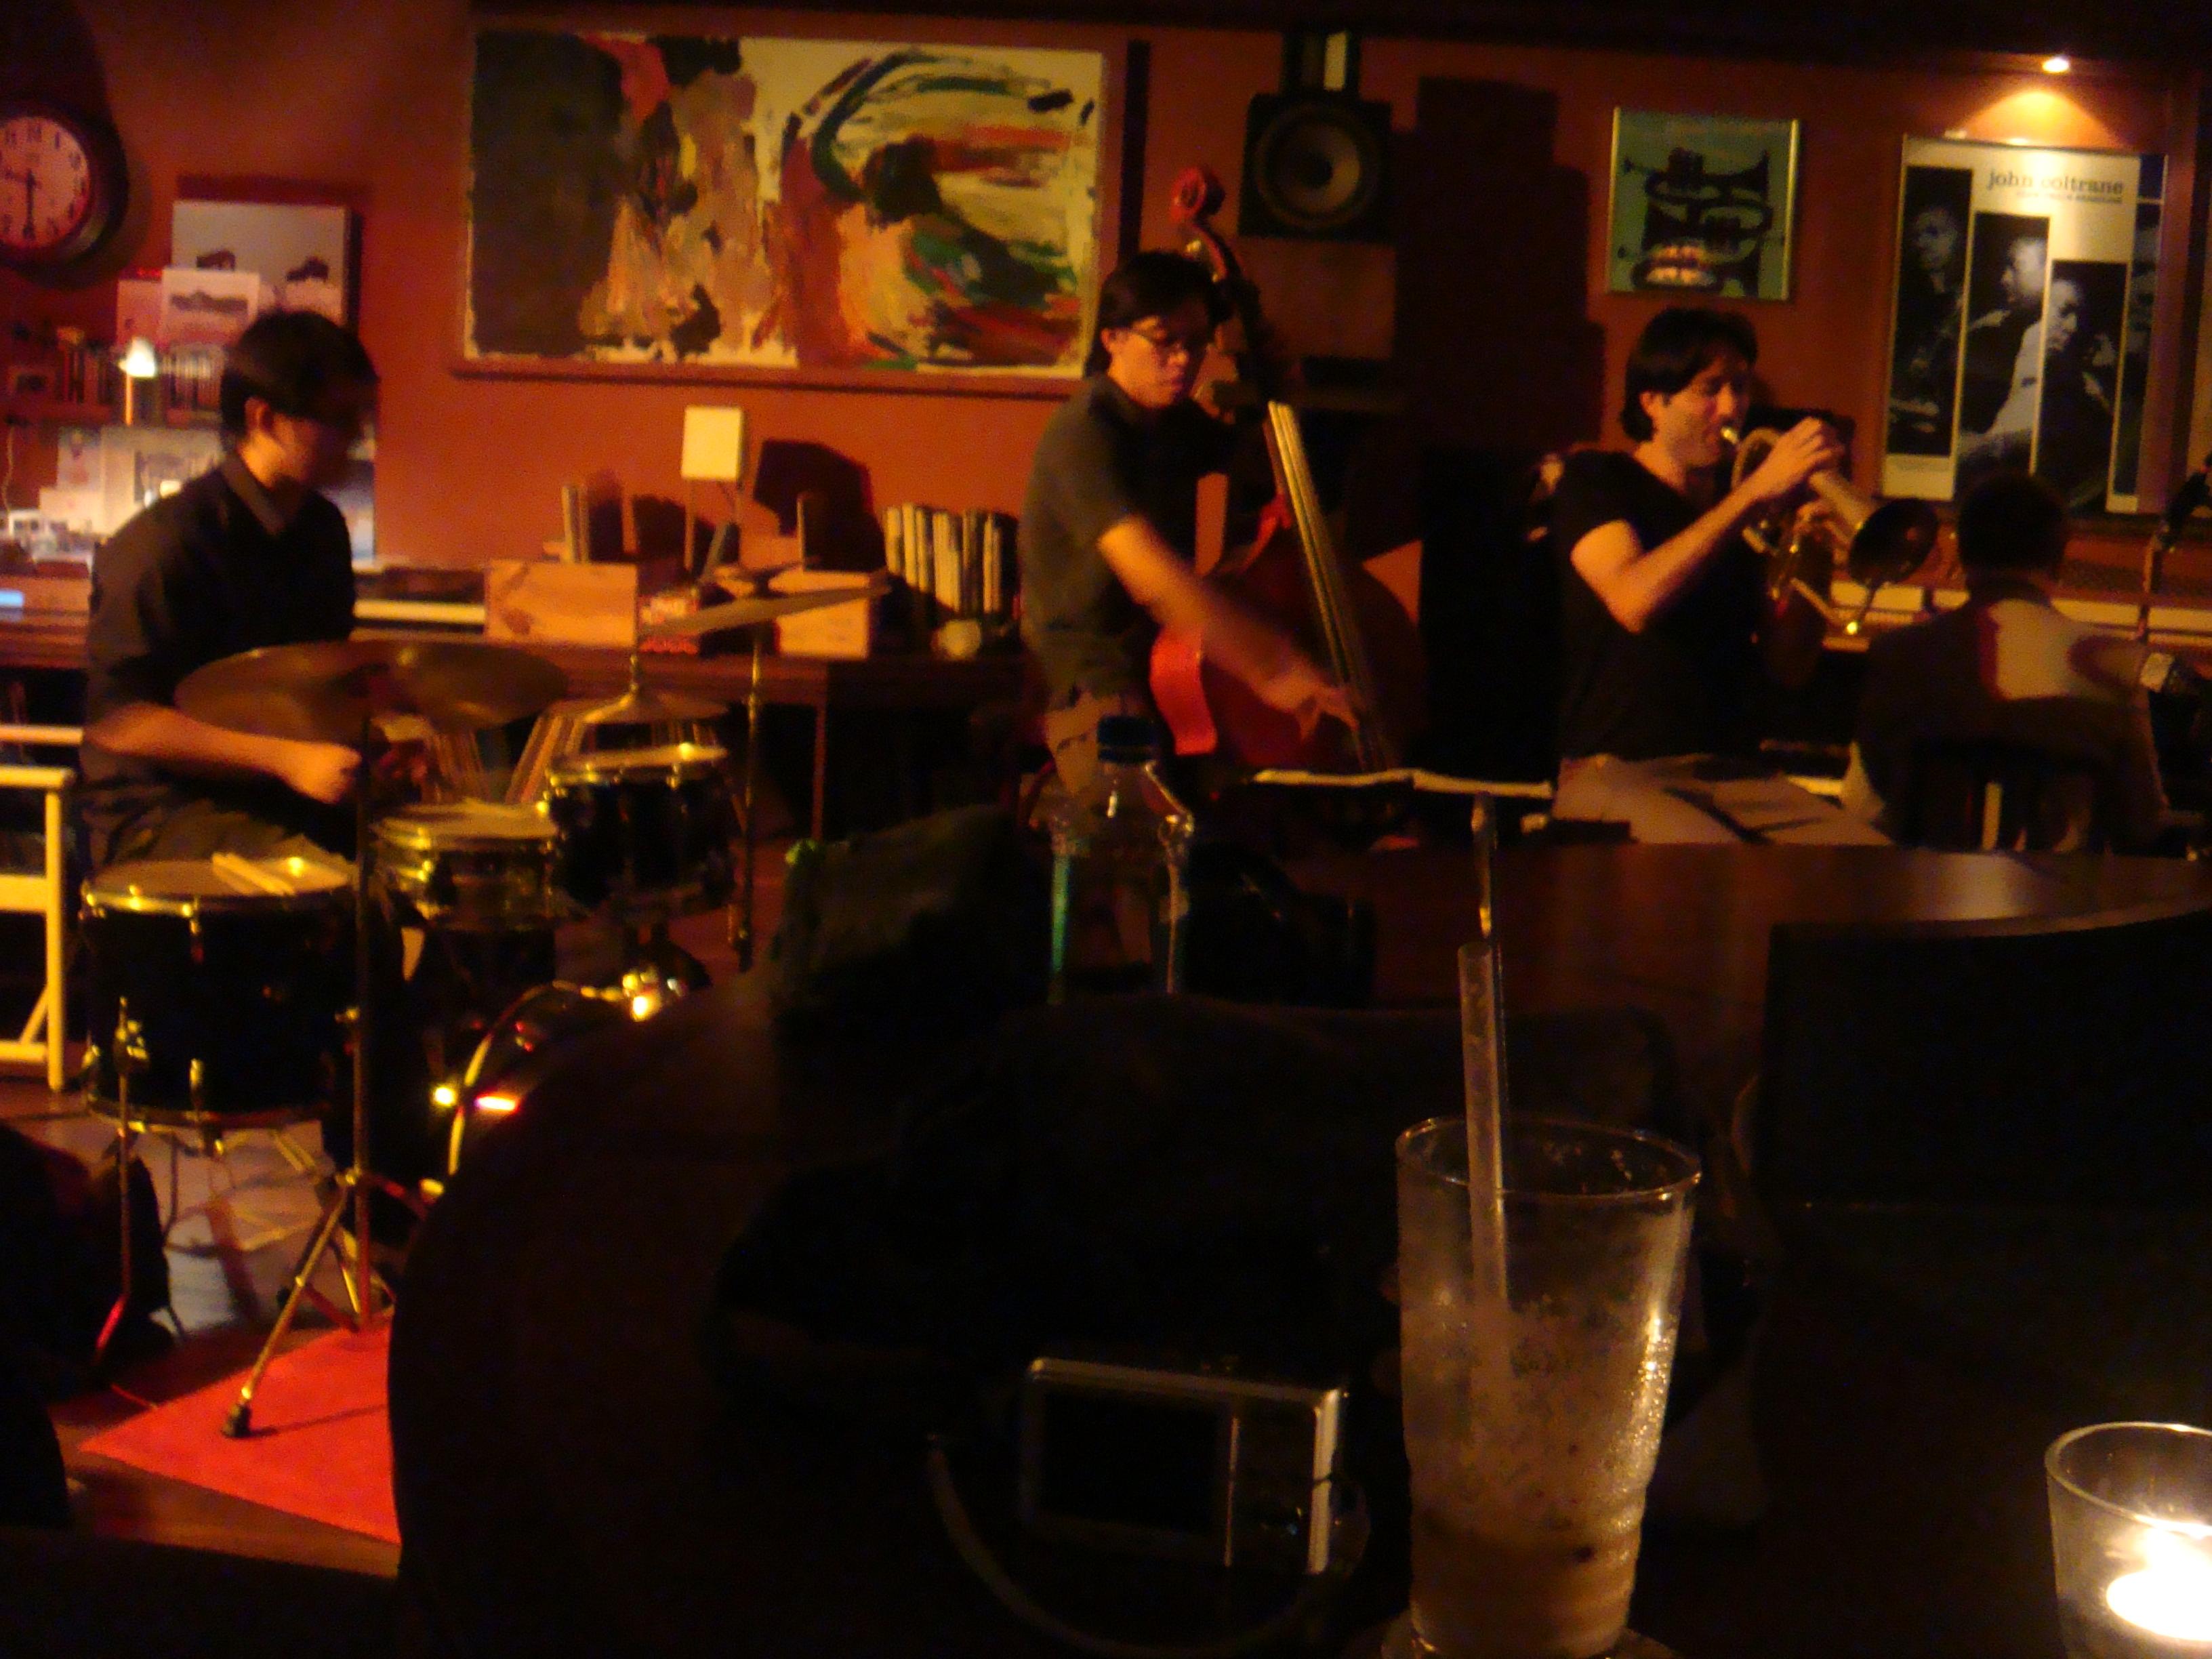 20110218-0219Marsalis Bar 馬沙里斯爵士酒館 很棒的一場音樂饗宴